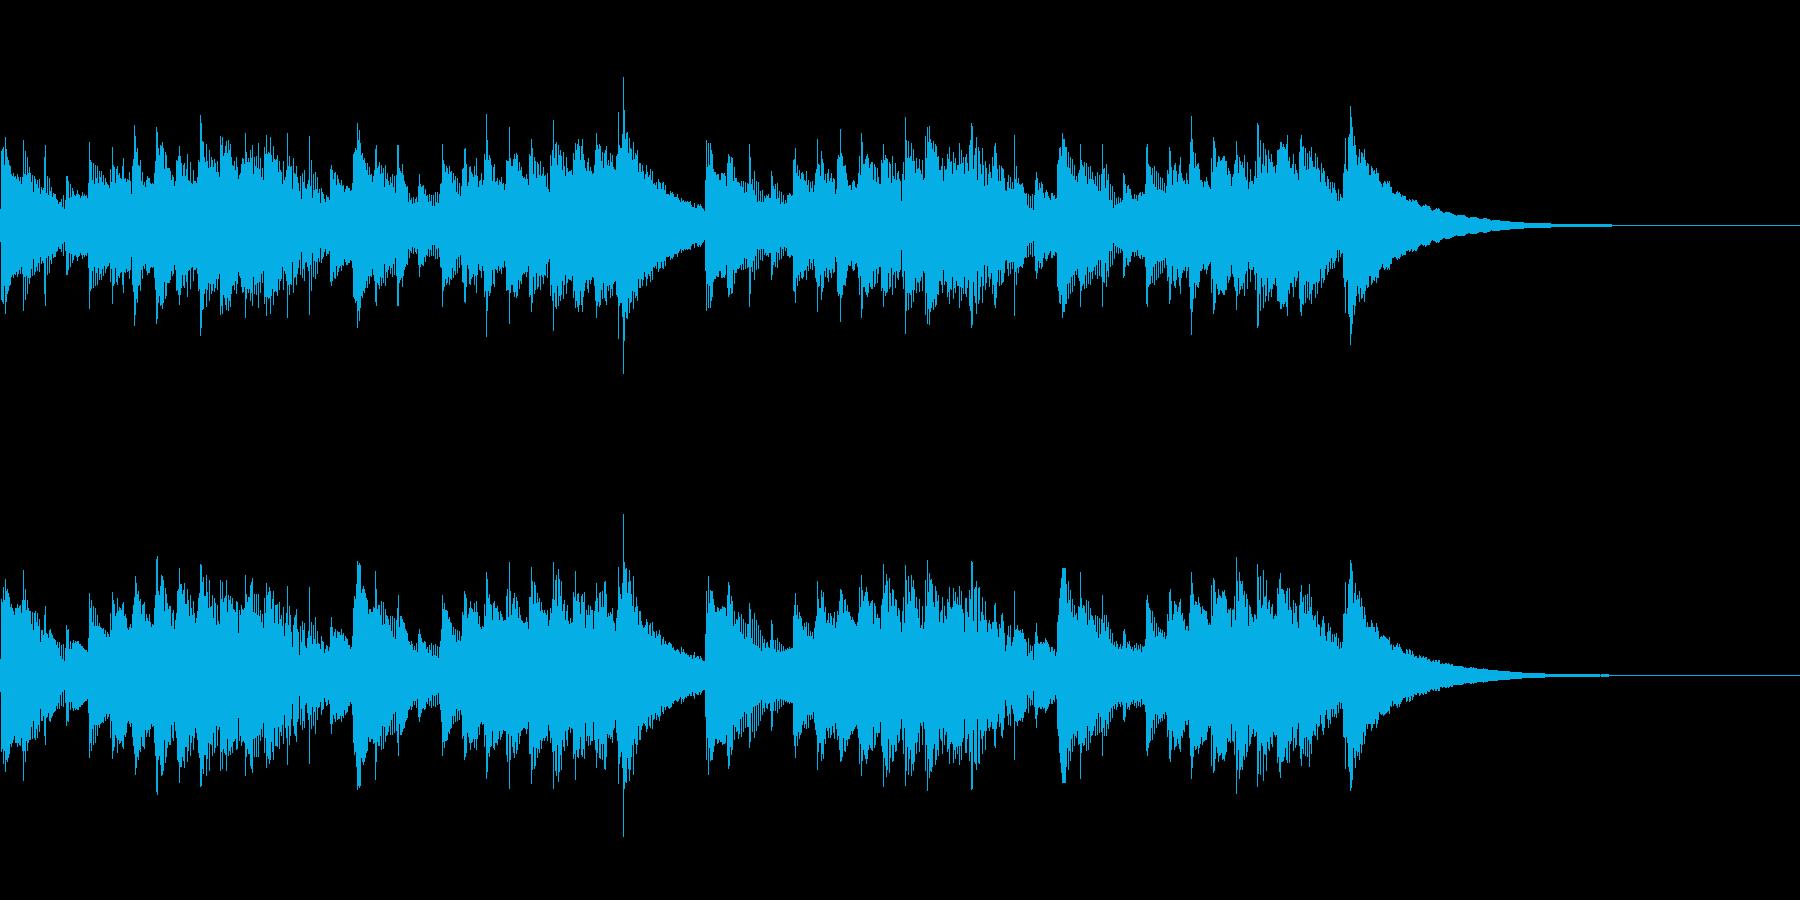 明るいオルゴール曲の再生済みの波形